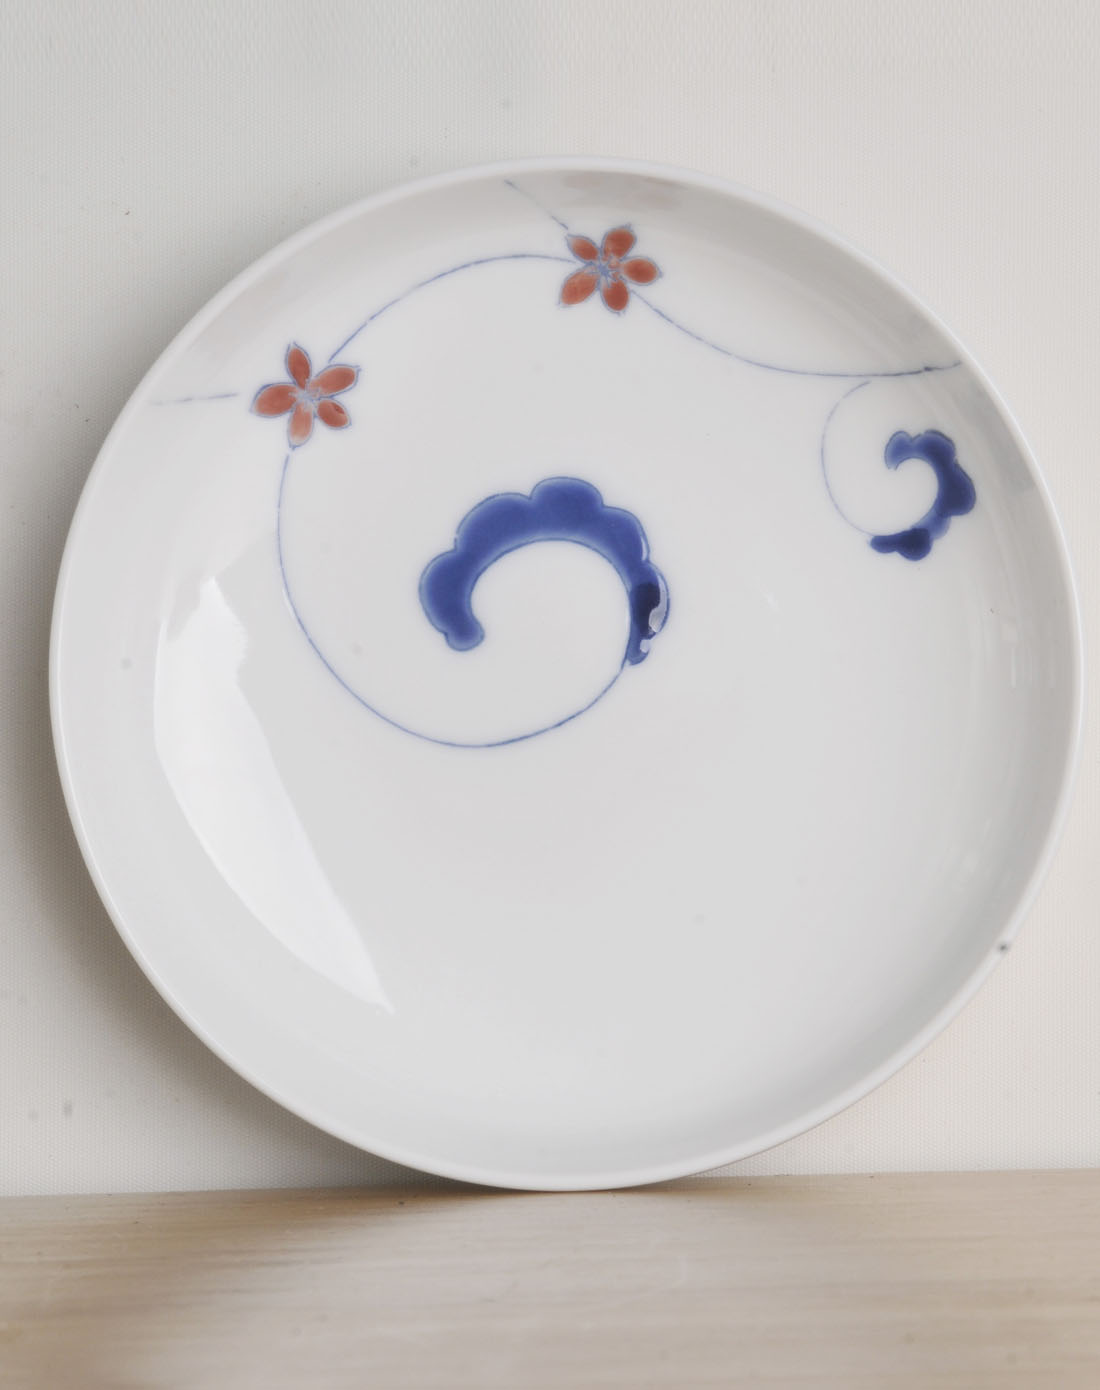 哲品斗彩卷草纹手绘陶瓷餐盘4件装-独秀